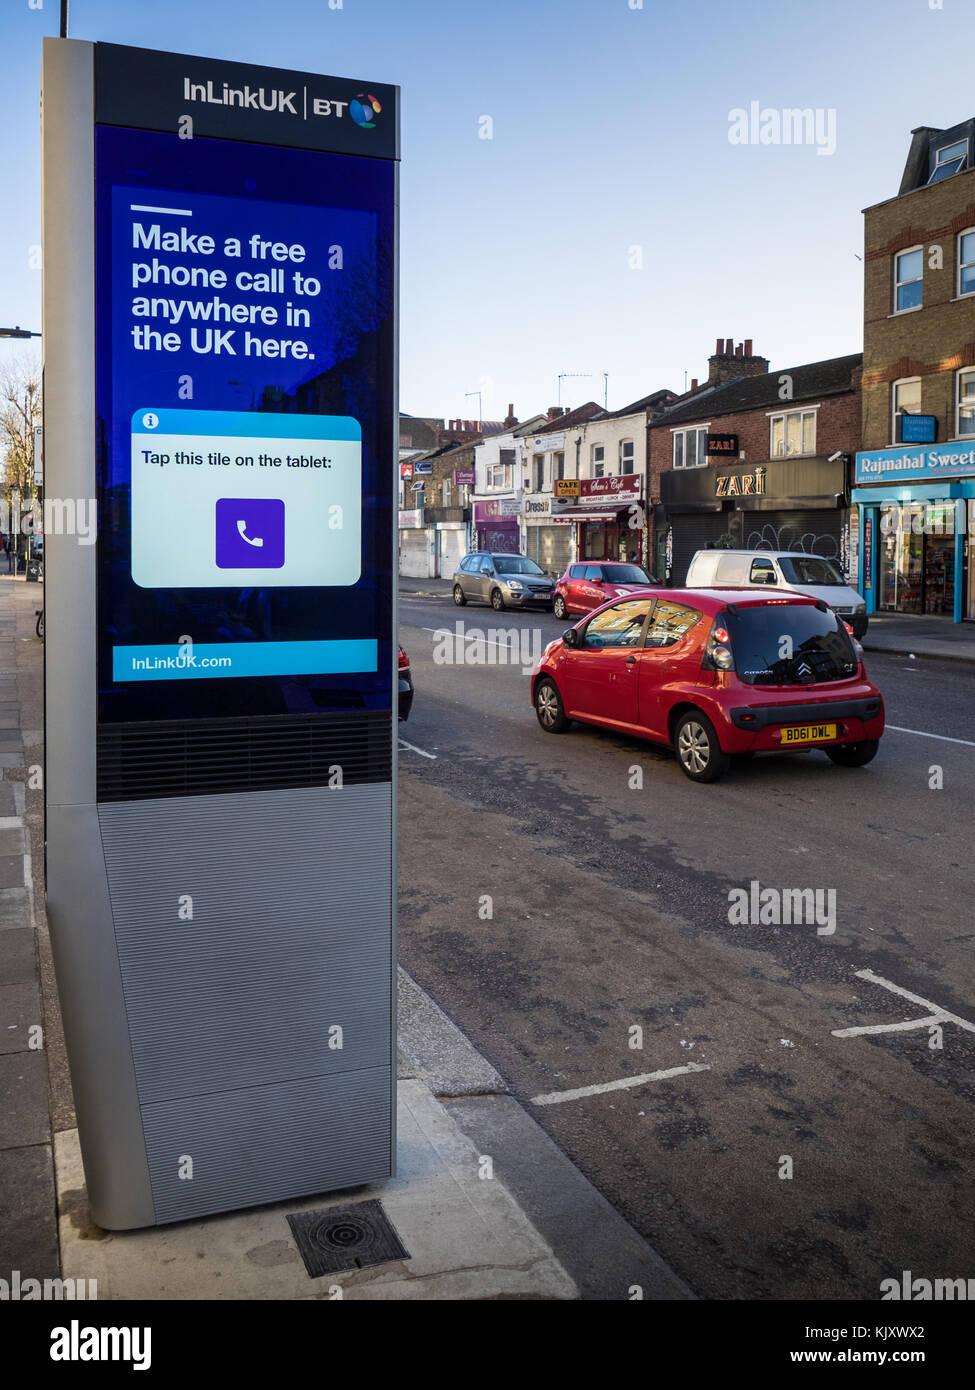 BT InLinkUK Kiosk - quioscos InLink ultrarrápido, ofrece conexión Wi-Fi gratuita, llamadas de teléfono, Imagen De Stock